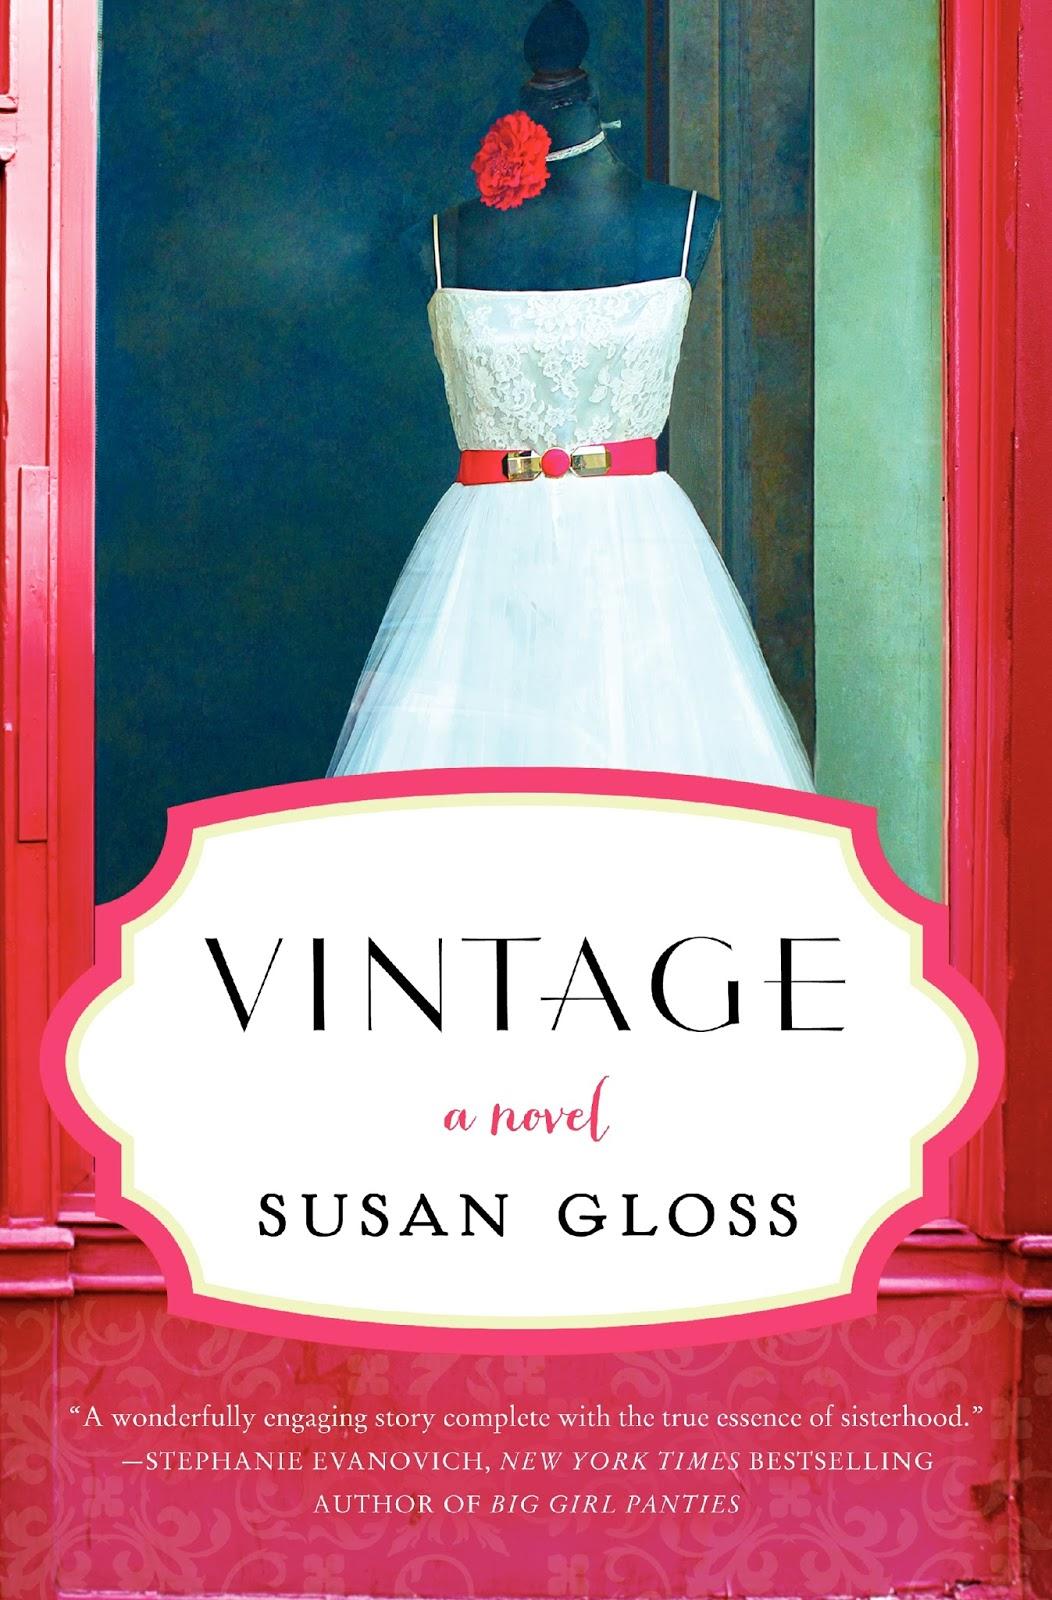 6+BOOK+Vintage+by+Susan+Gloss.jpg